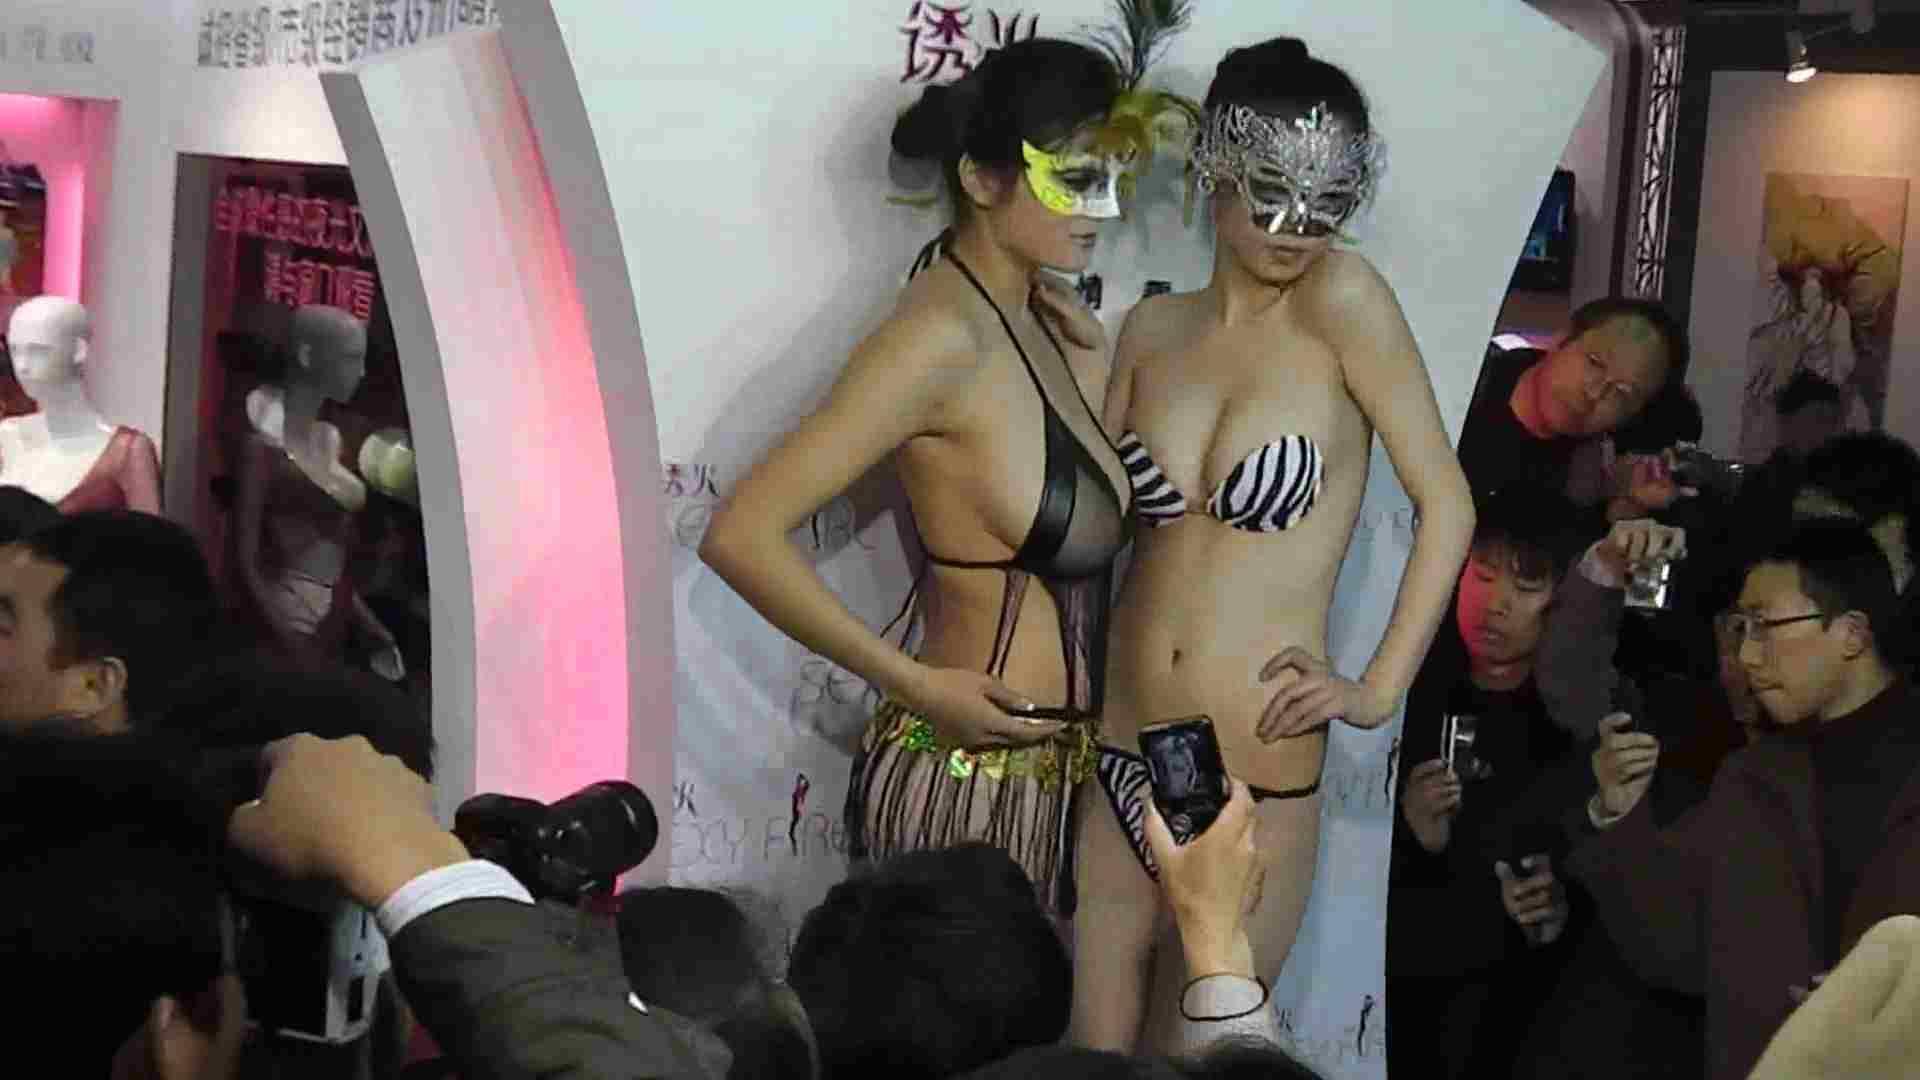 日本成人用品展览会。vol.02 着替えシーンもありマス エロティックなOL 盗み撮り動画 92画像 50